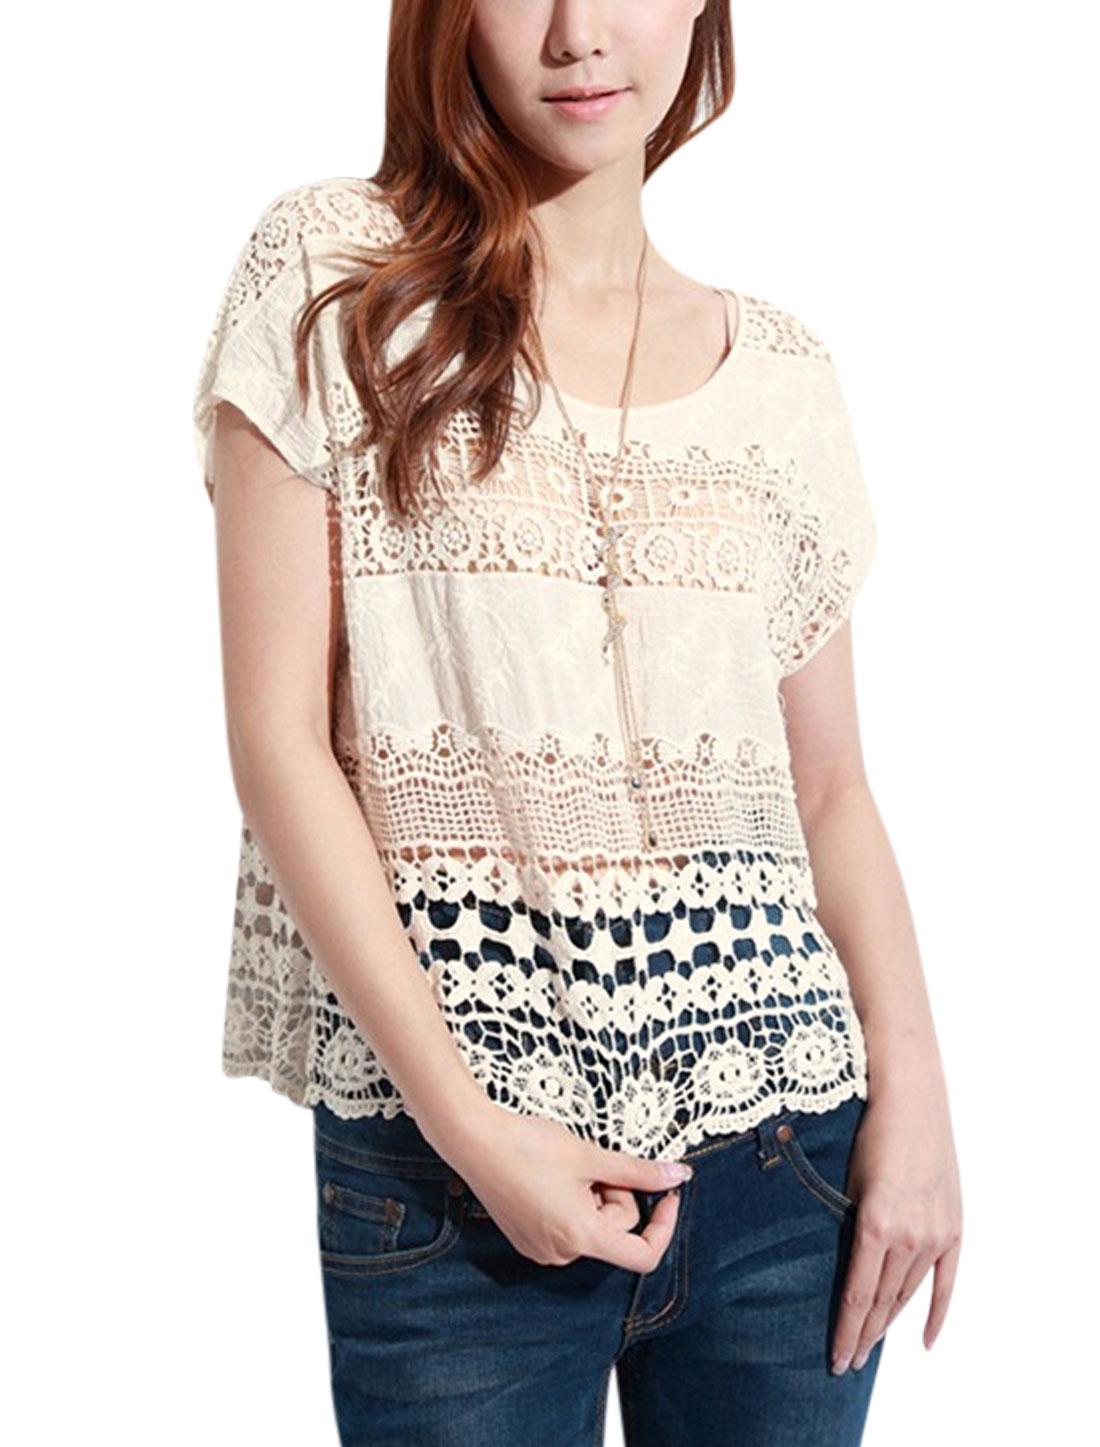 Woman Crochet Design Hollow Out Scoop Neck Lace Crop Top Beige XS